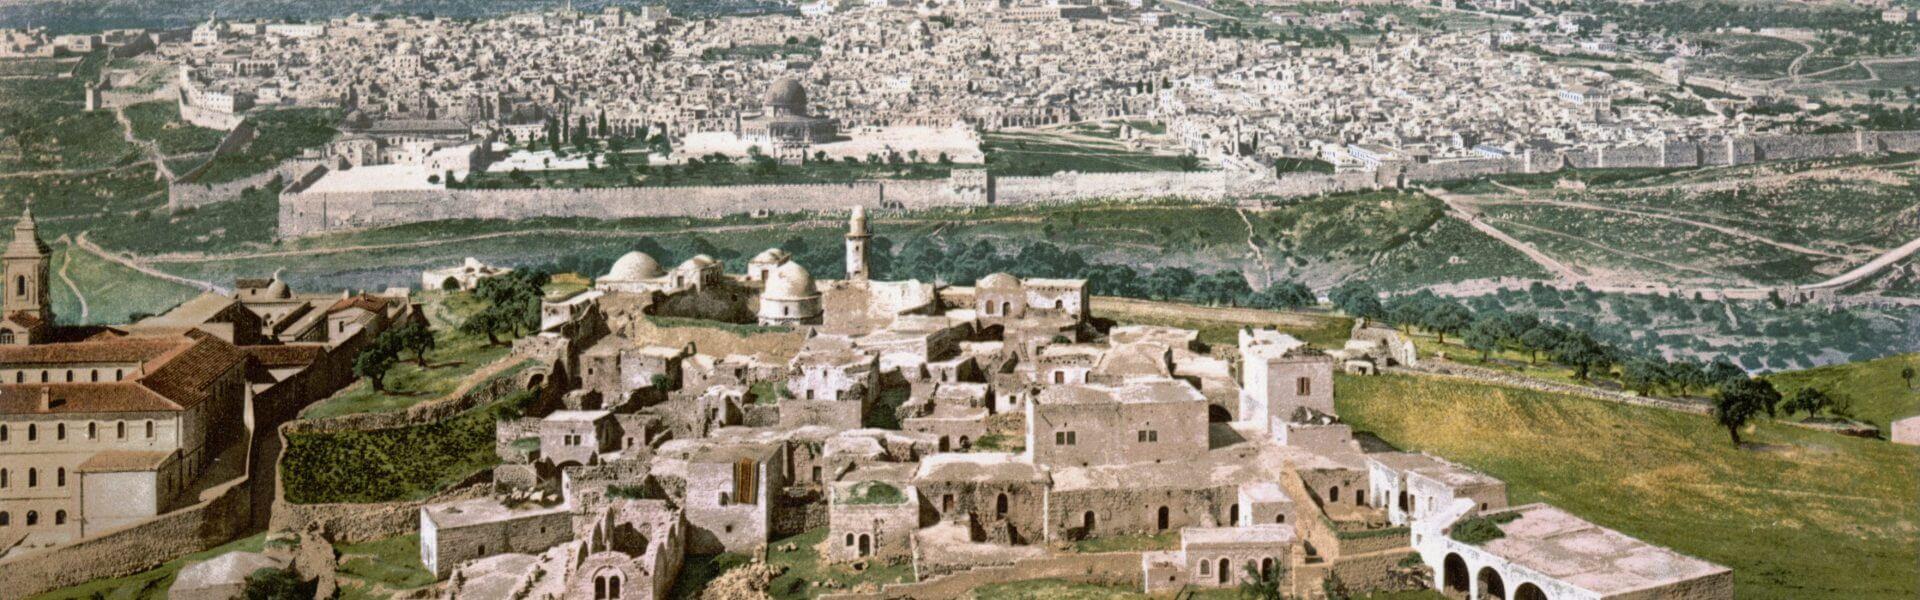 מראה ירושלים מהר הזיתים, 1900. הצילום נצבע בשיטת פוטוכרום. באדיבות ויקימדיה.